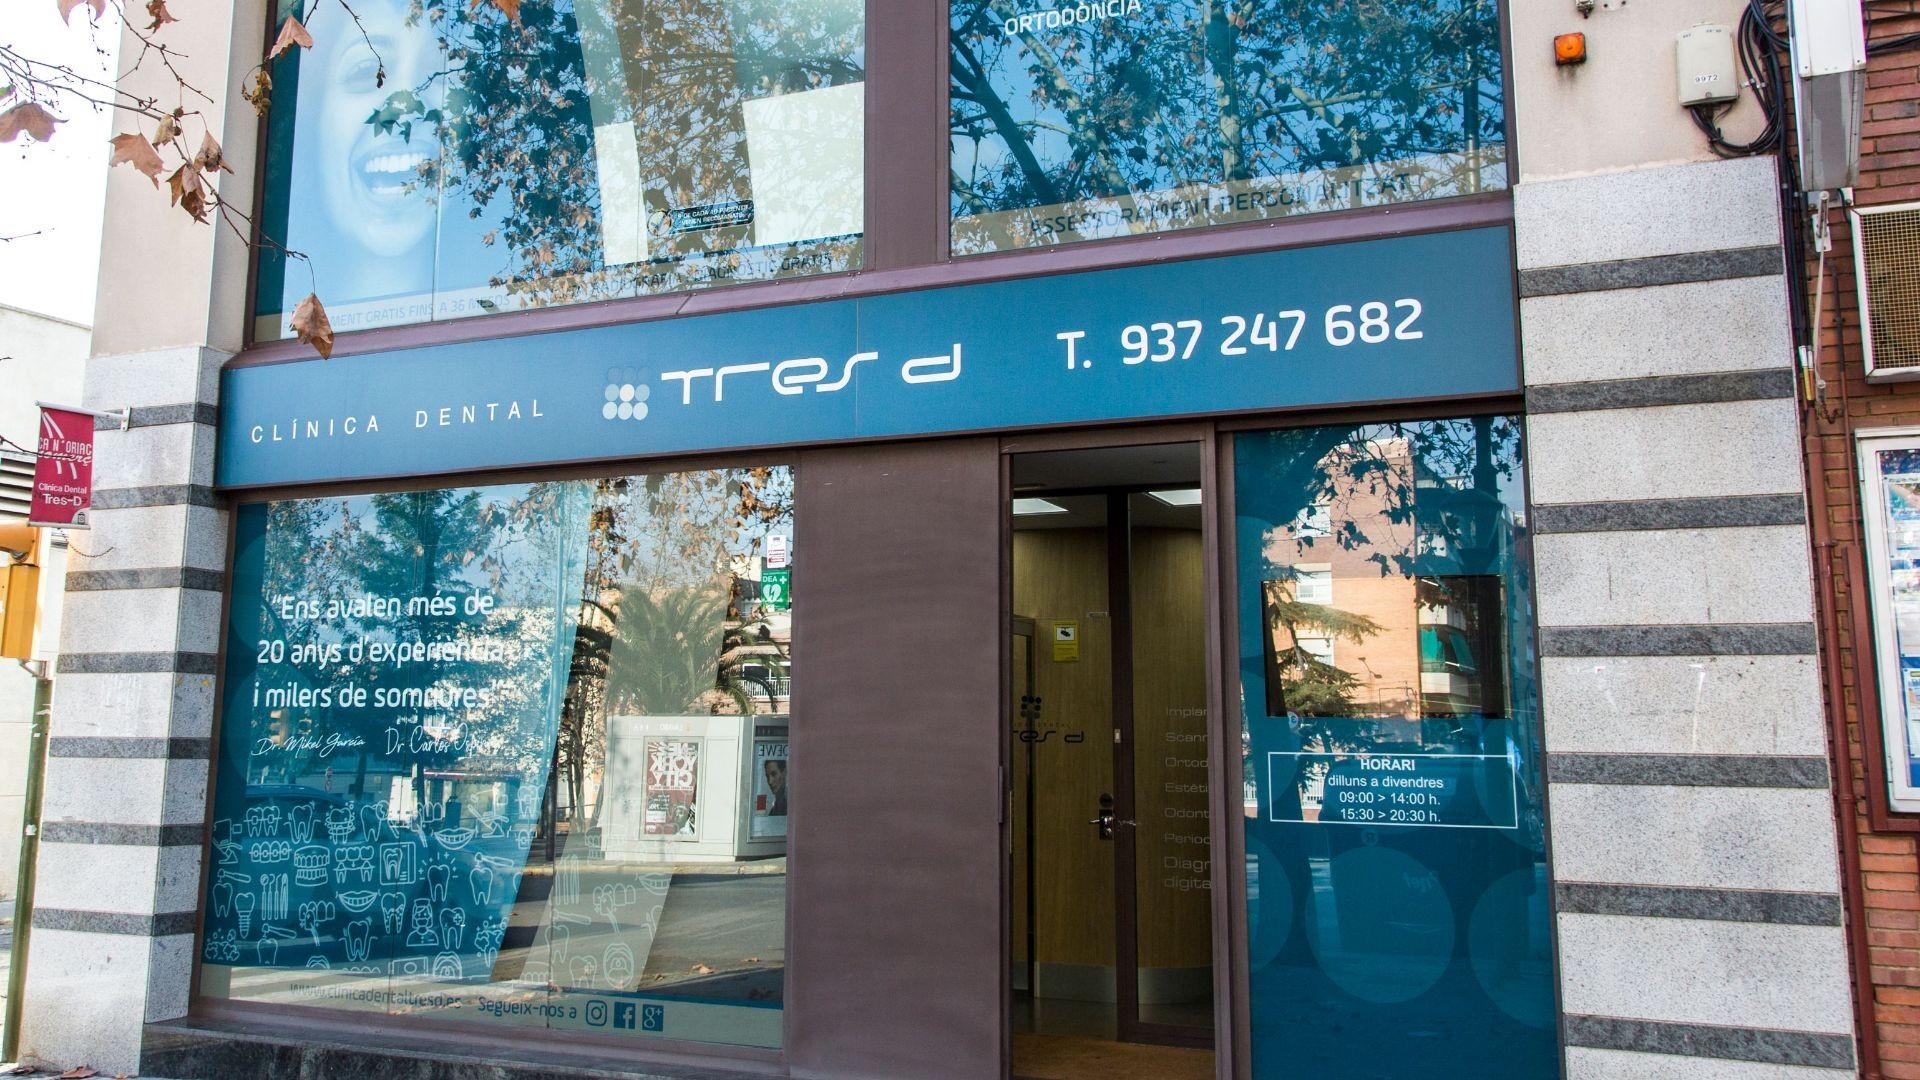 Clinica dental en Sabadell